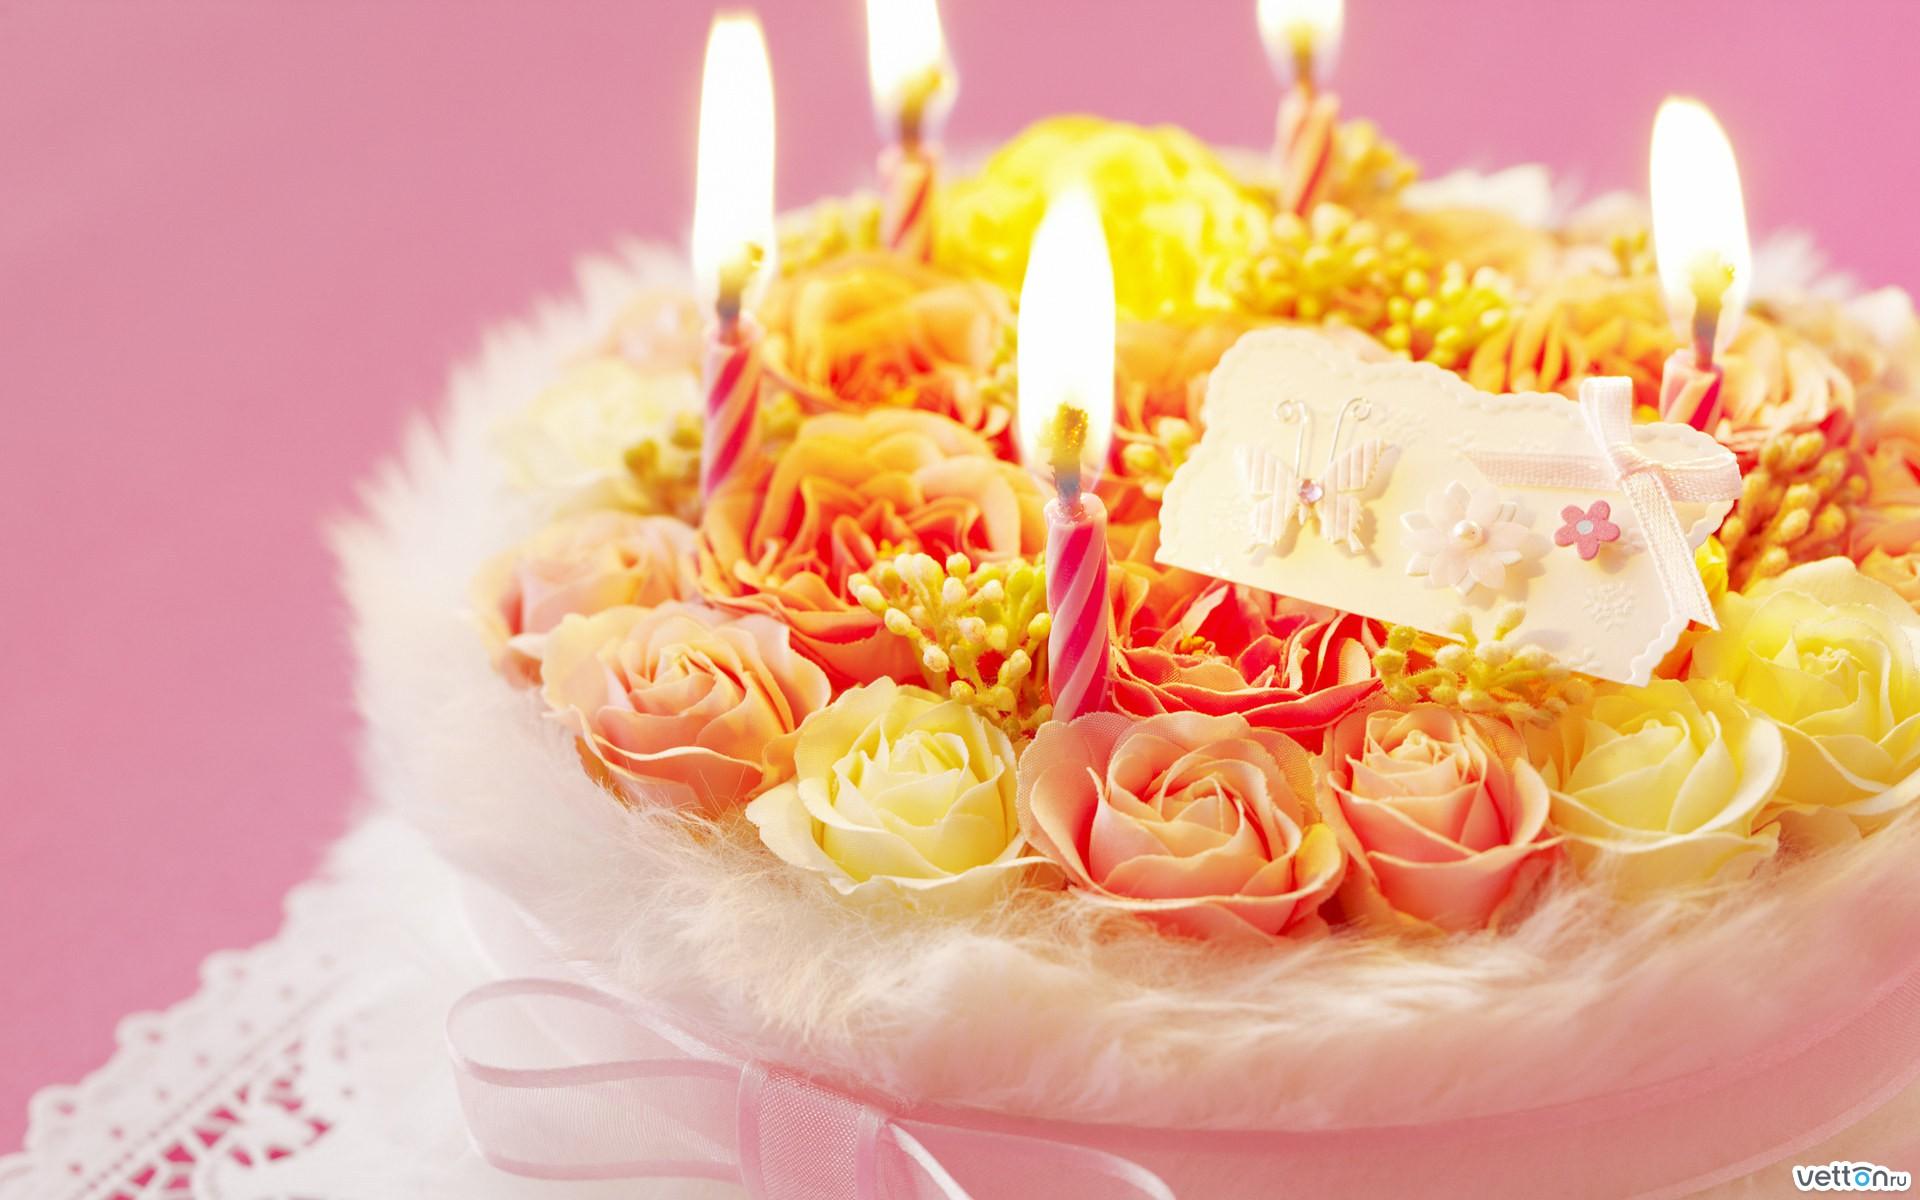 Поздравление для подруги лилия днем рождения